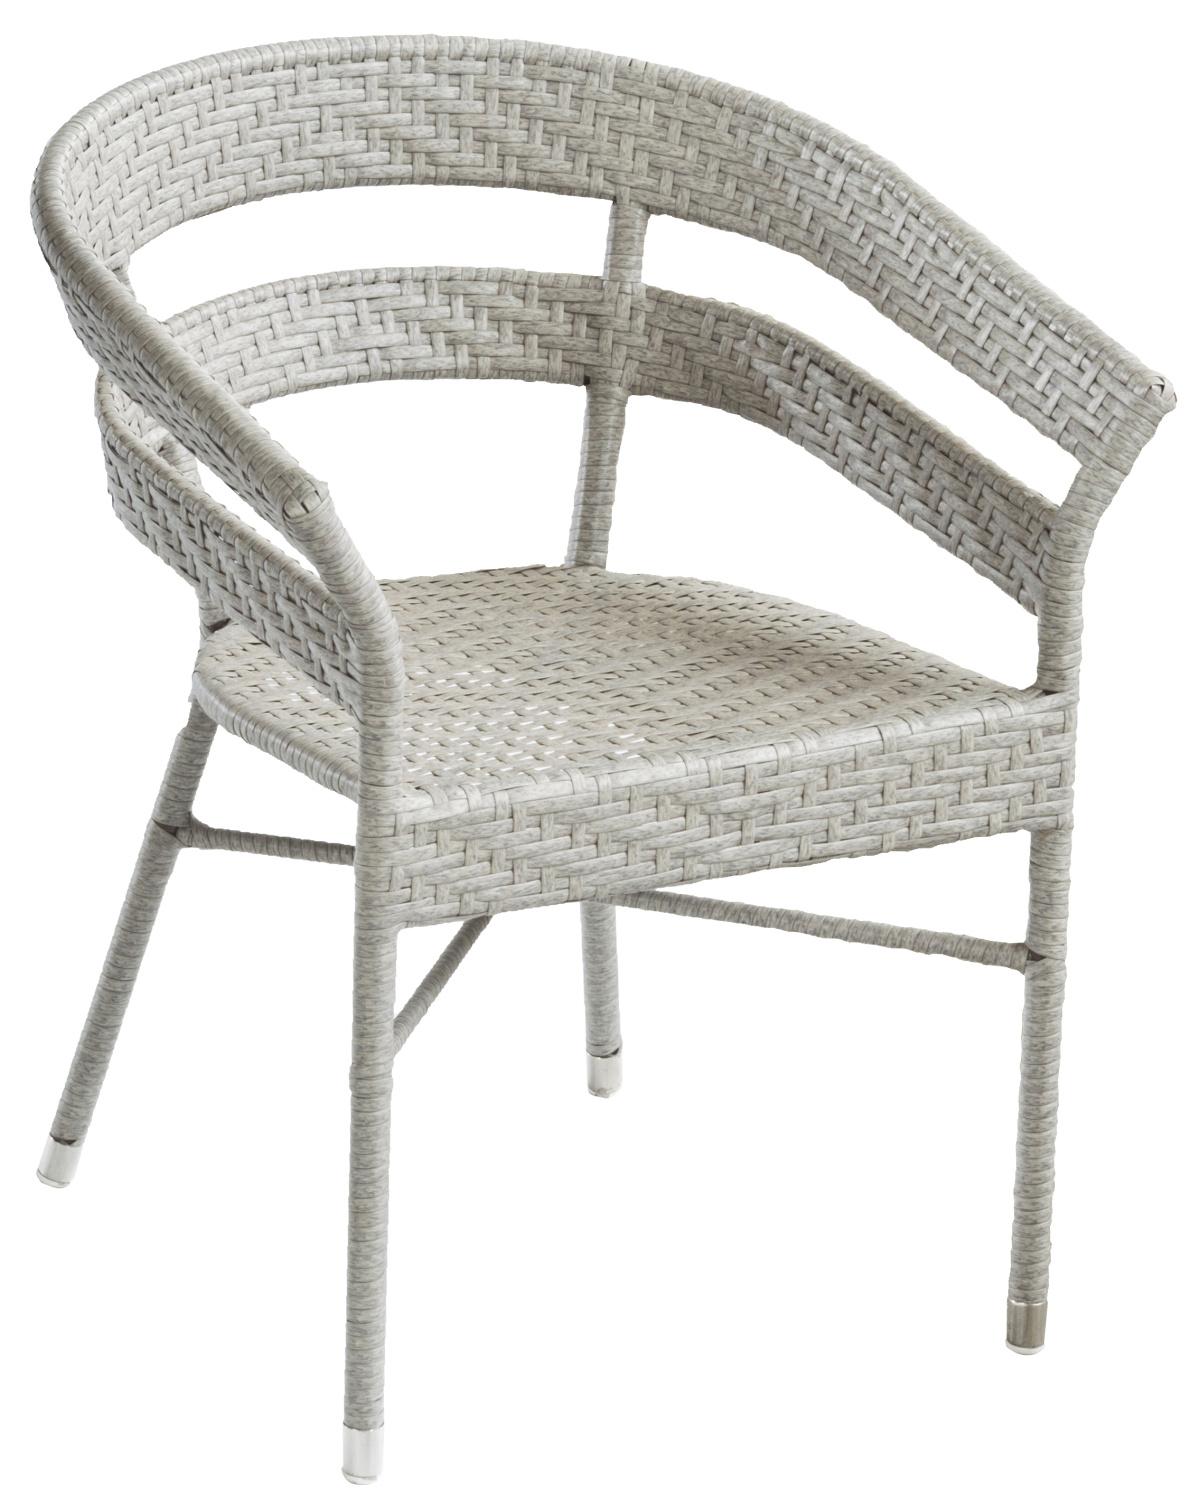 Ratanová židle G21 Imperial kulatý nature + doprava zdarma